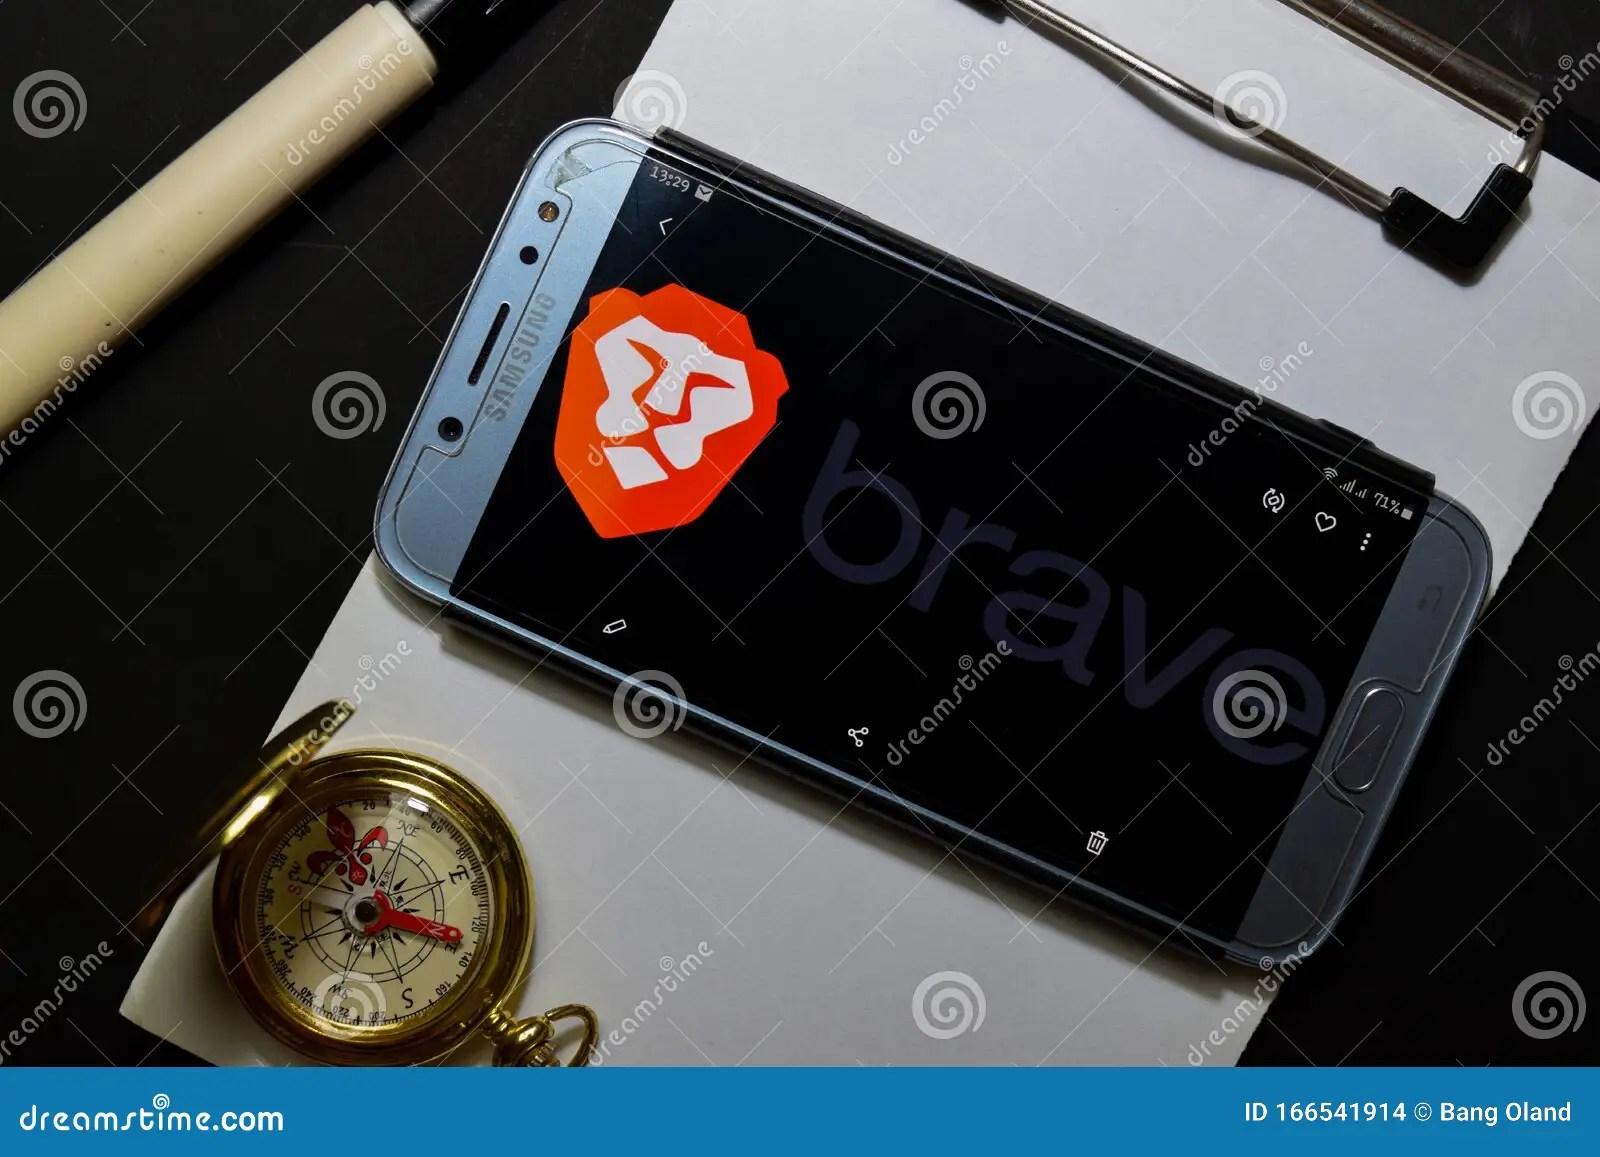 勇敢瀏覽器:Smartphone屏幕上的Fast Adblocker開發應用 Brave Browser是Brave Software開發的免費網絡瀏覽器 編輯類庫存 ...